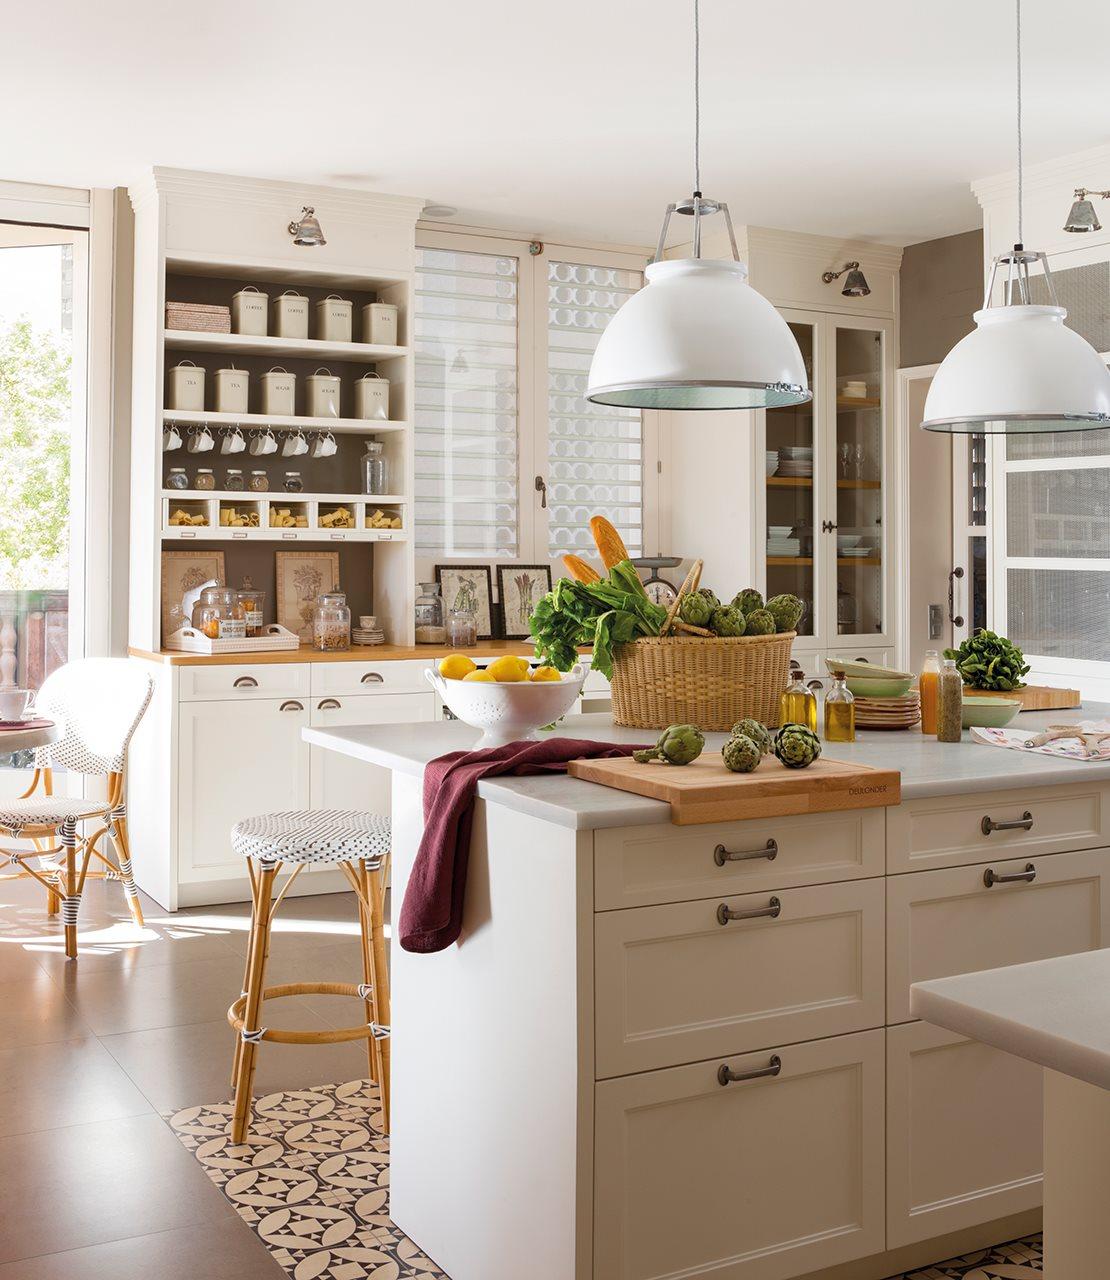 Tres cocinas en blanco y con mucho orden - Cocinas con color ...